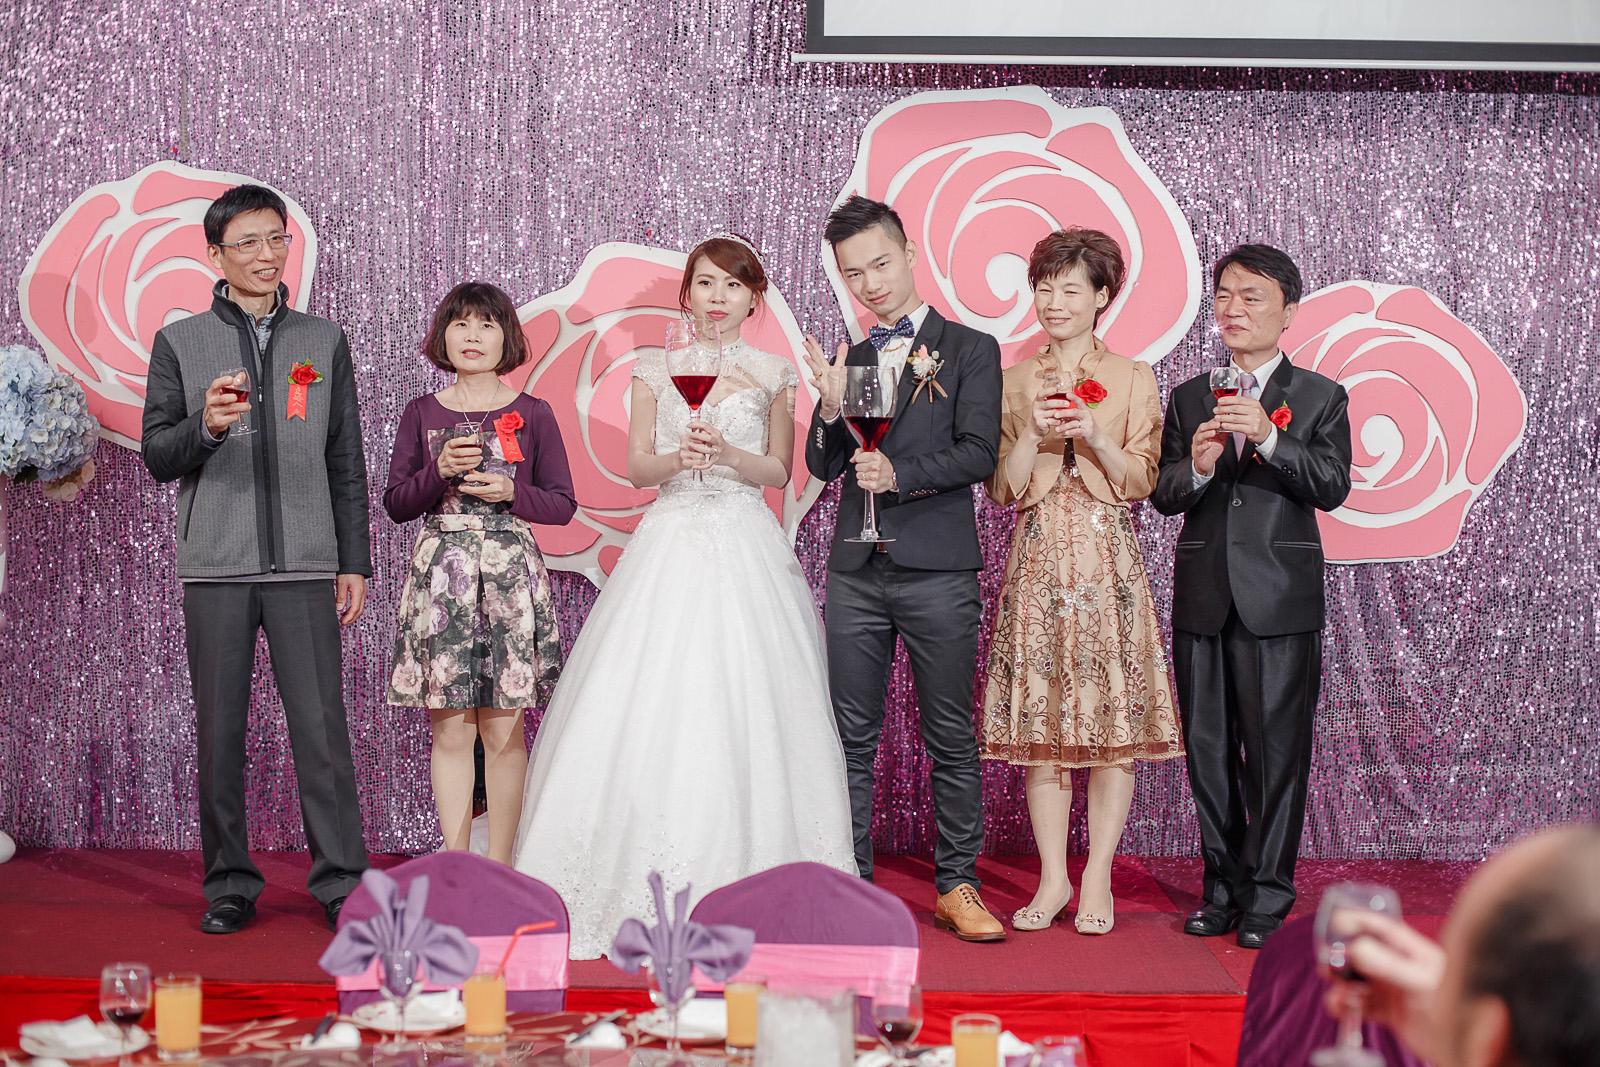 高雄圓山飯店,婚禮攝影,婚攝,高雄婚攝,優質婚攝推薦,Jen&Ethan-261